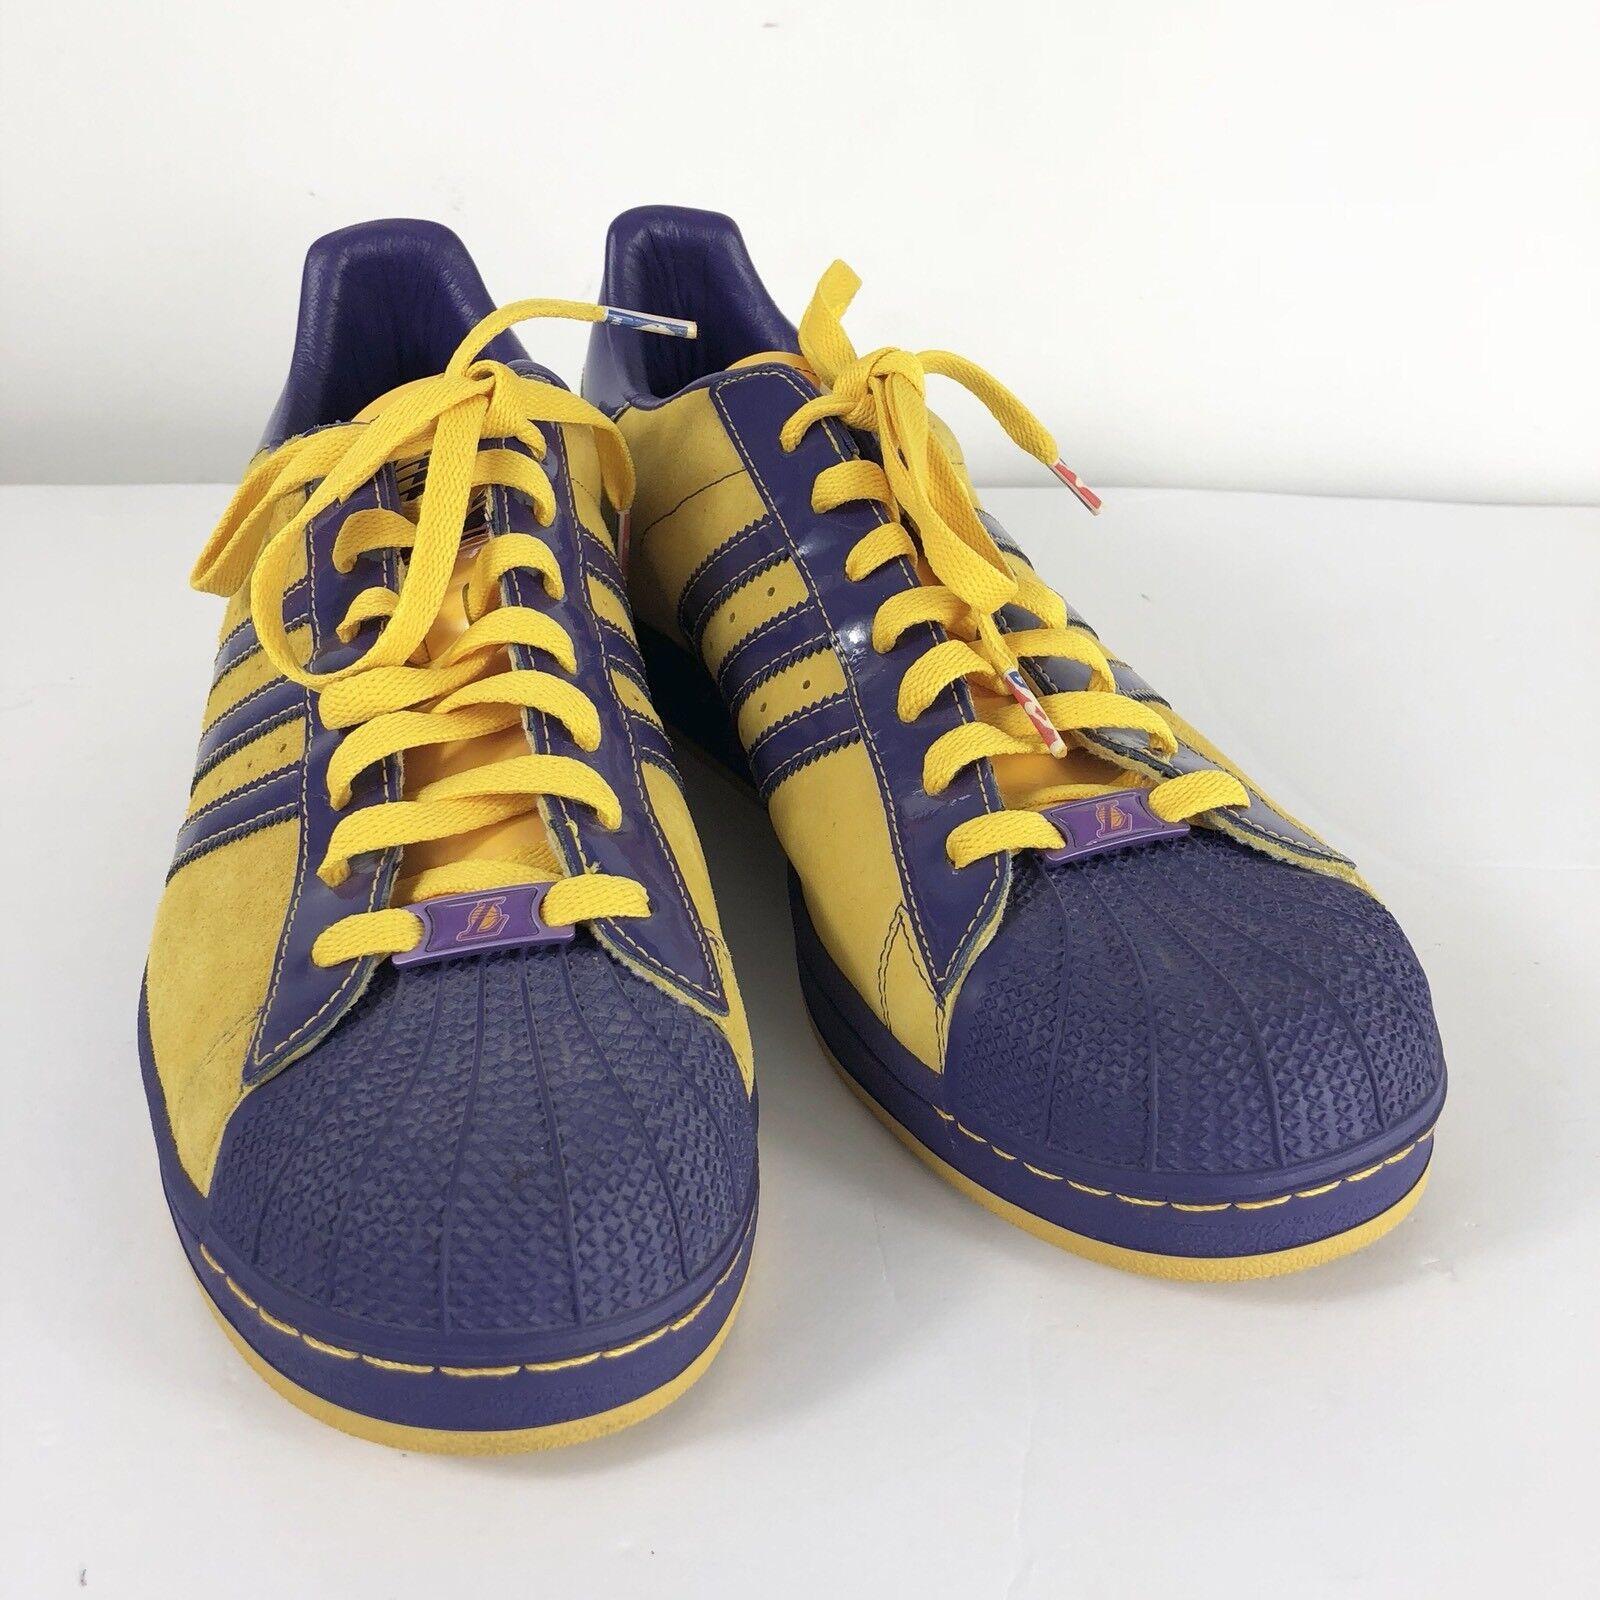 Adidas superstar Uomo nba sz 14, los angeles lakers nba Uomo serie scarpe 83f368